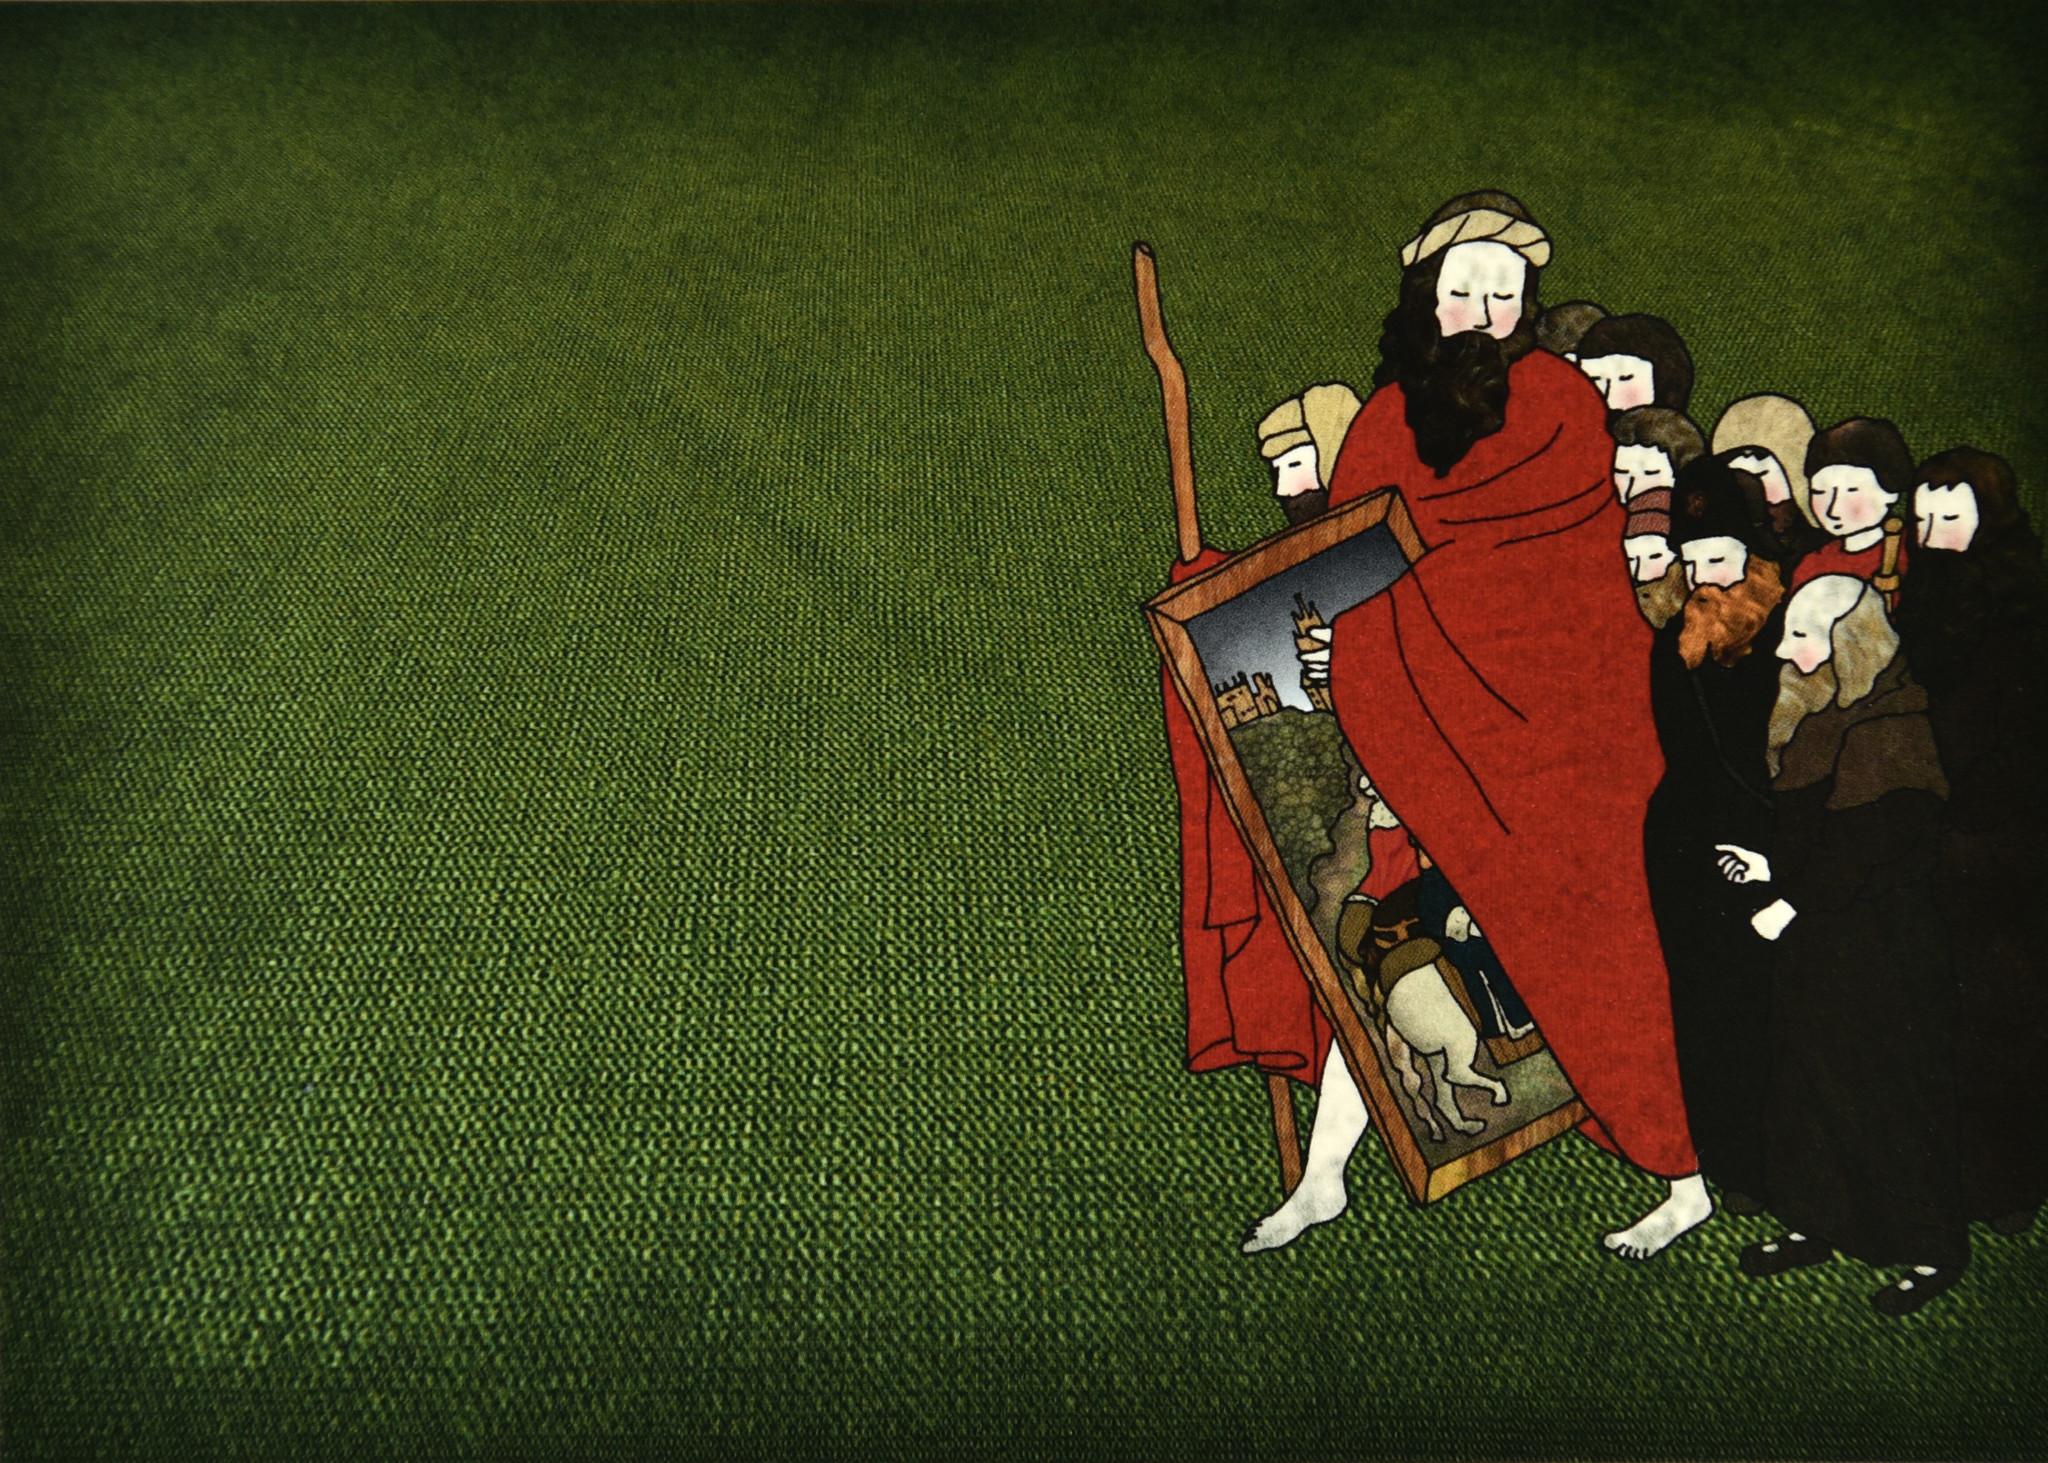 Tine De Groote Postkaart Pelgrims stelen het paneel van de Rechtvaardige Rechters - Tine De Groote